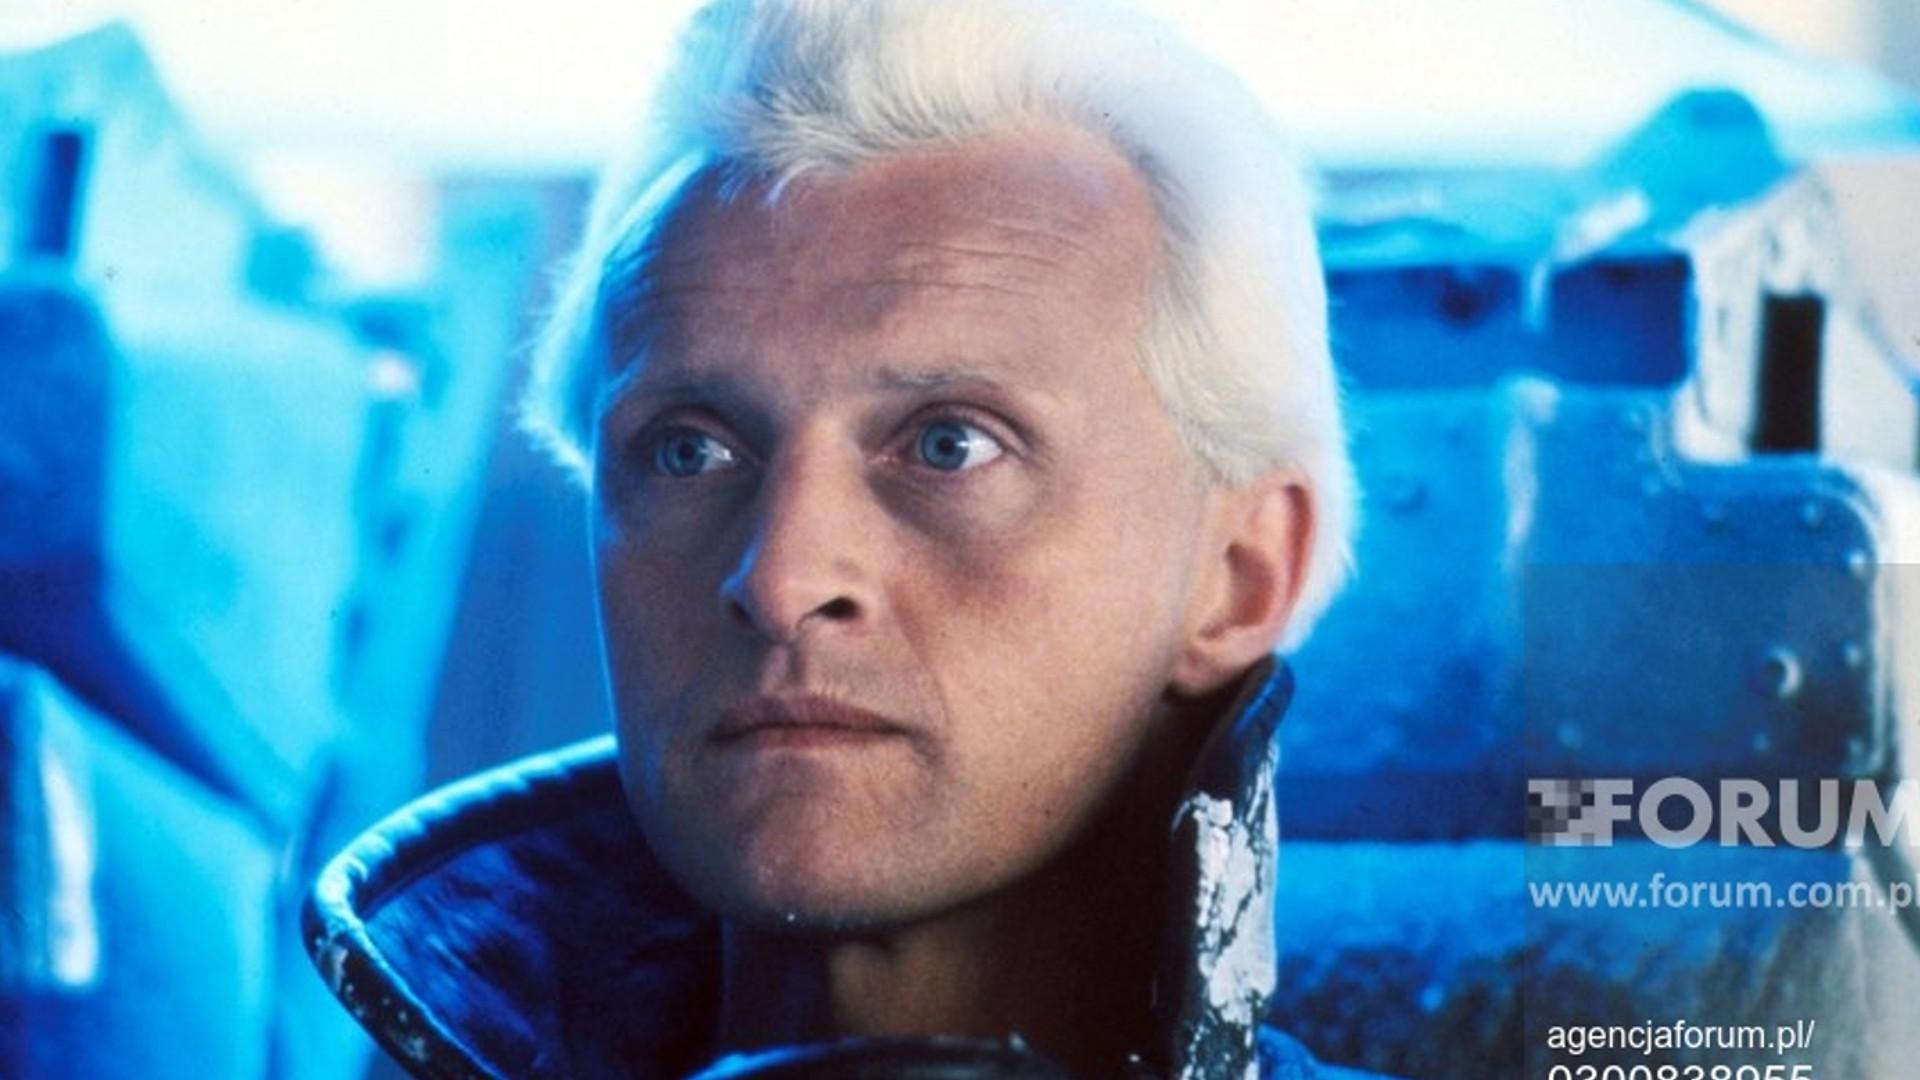 Rutger Hauer, aktor z kultowego Łowcy androidów, zmarł w wieku 75 lat